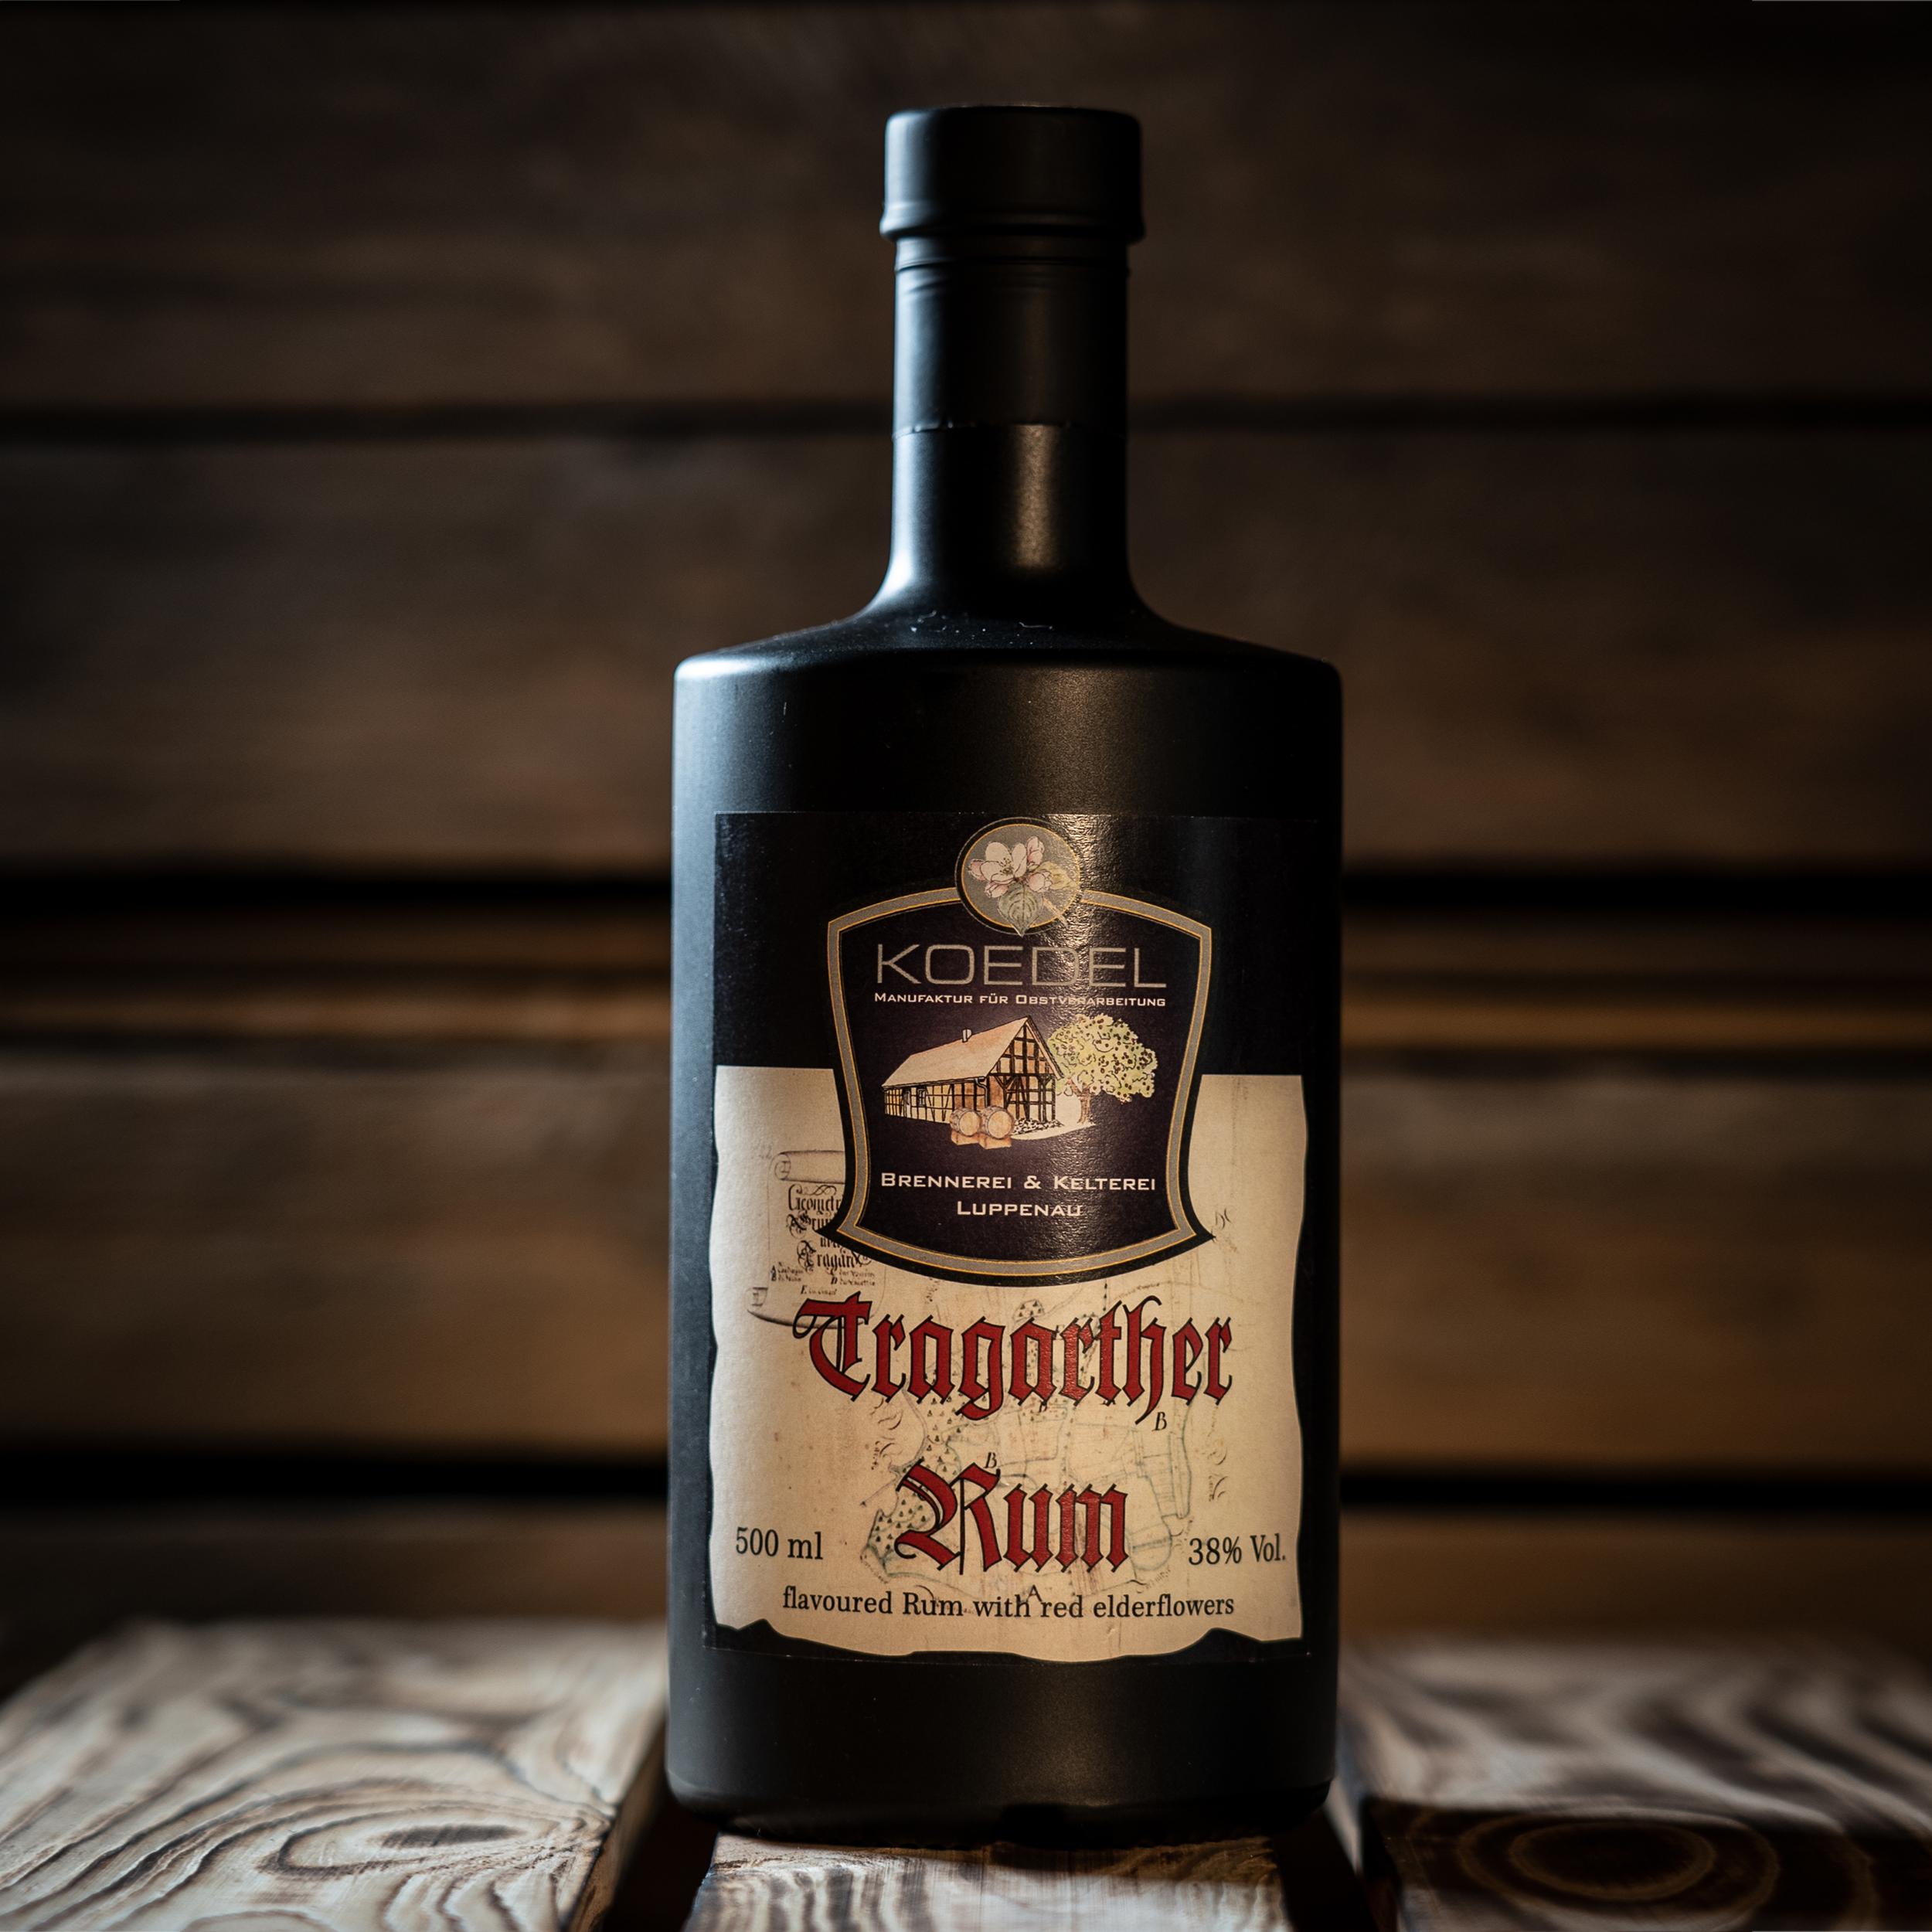 Tragarther Rum, flavoured with red elderflower 500ml